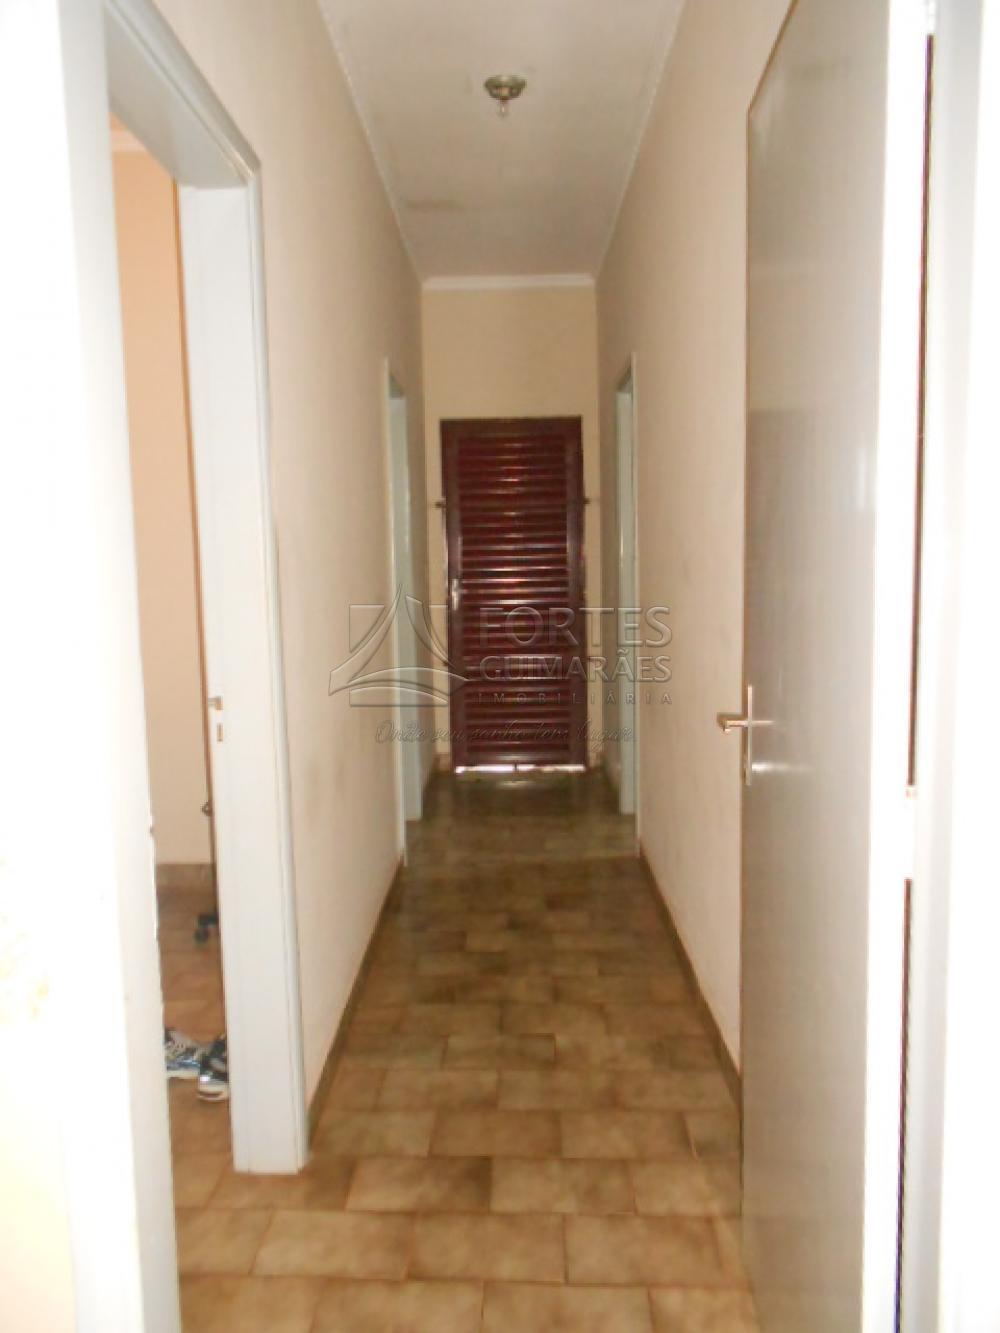 Alugar Casas / Condomínio em Jardinópolis apenas R$ 2.500,00 - Foto 13